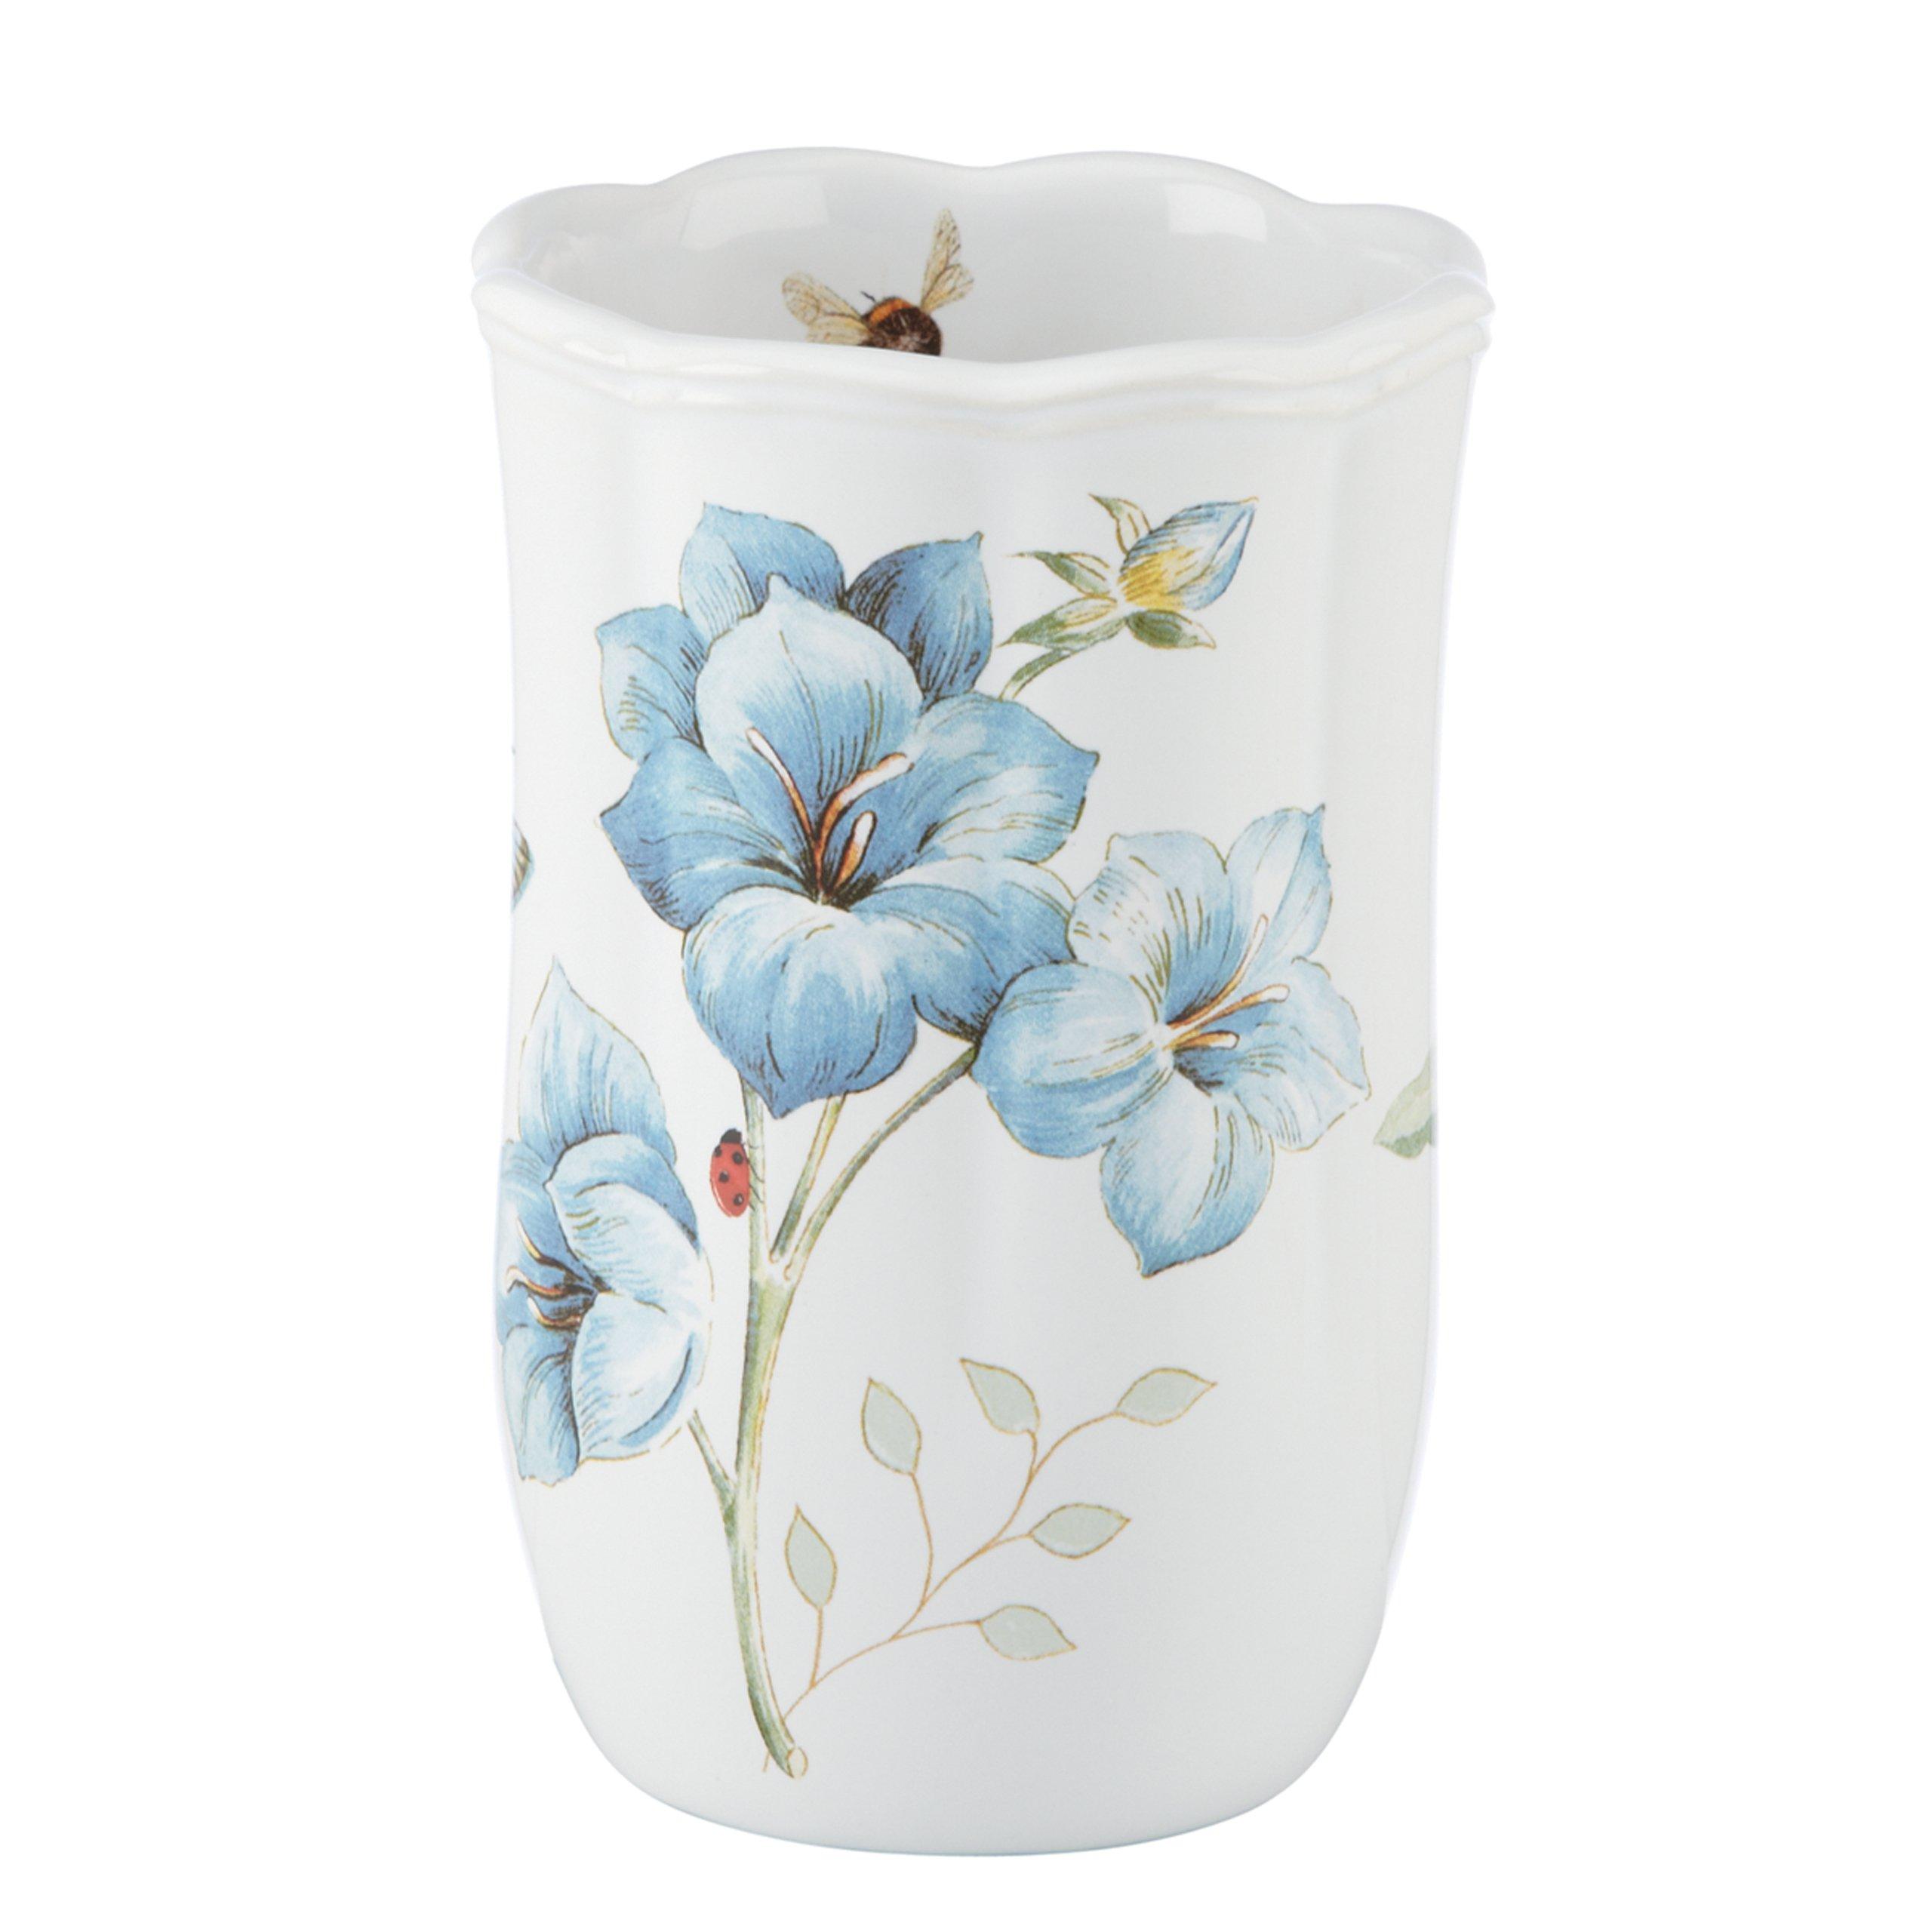 Lenox Butterfly Meadow Floral Garden Tumbler, Blue